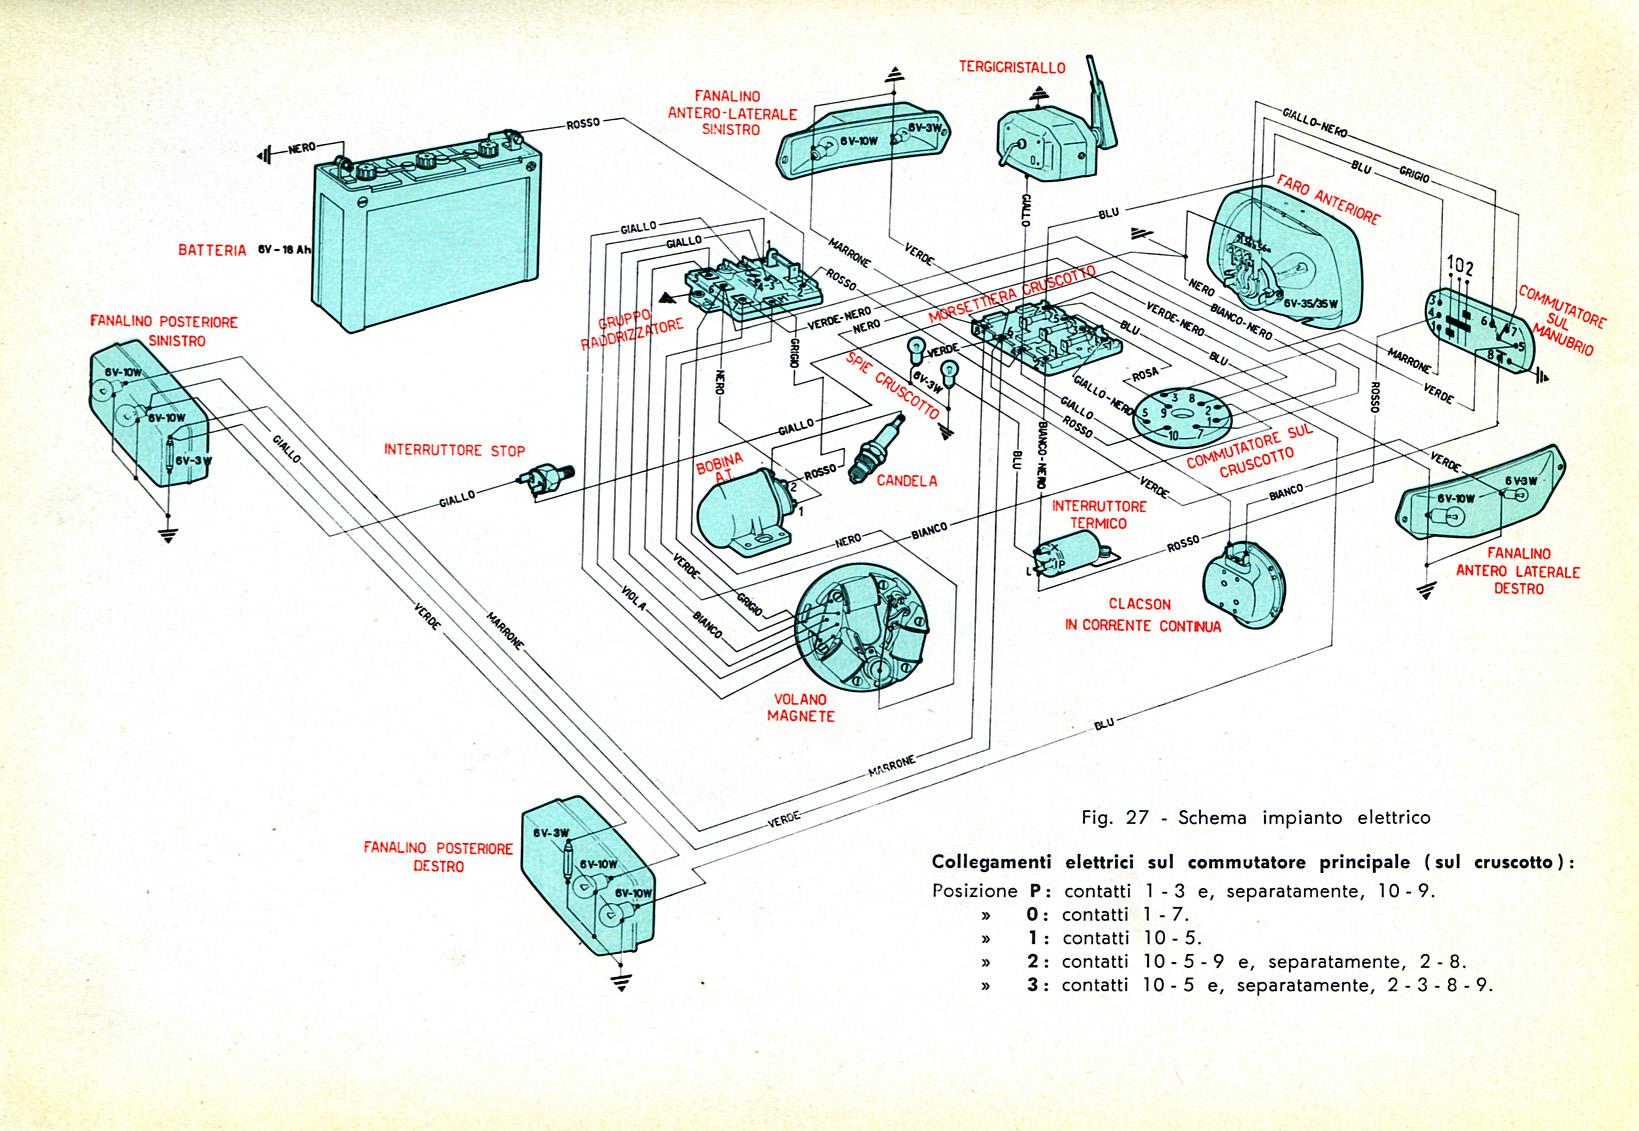 Schema Elettrico Tergicristallo 5 Fili : Tecnica ape piaggio ad